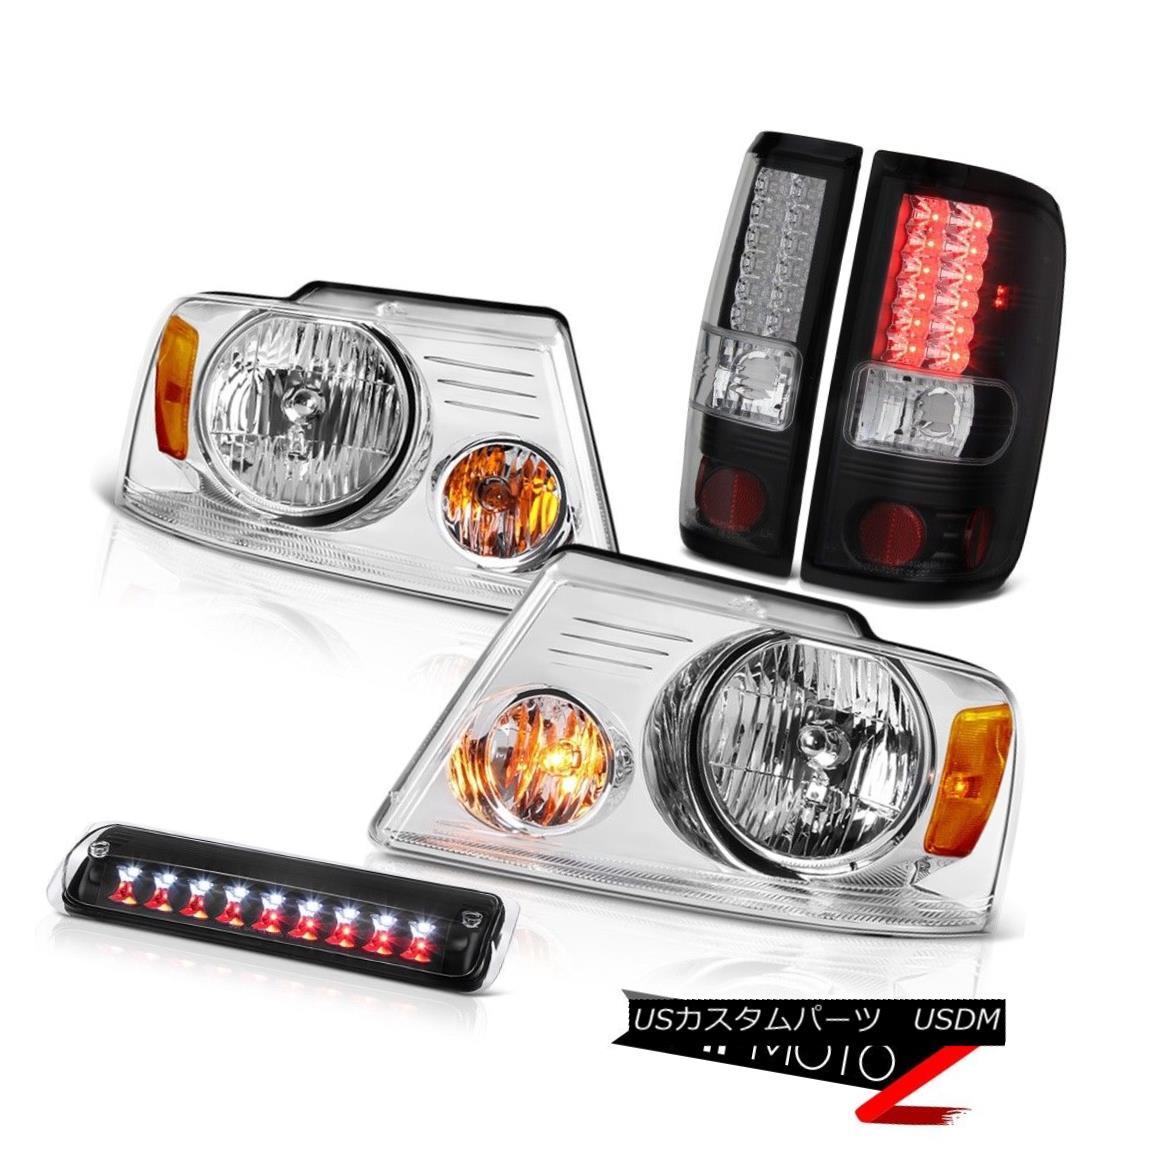 テールライト 04 05 06 07 08 Ford F150 XLT Headlights 3RD Brake Light Parking Lights LED SMD 04 05 06 07 08フォードF150 XLTヘッドライト3RDブレーキライトパーキングライトLED SMD